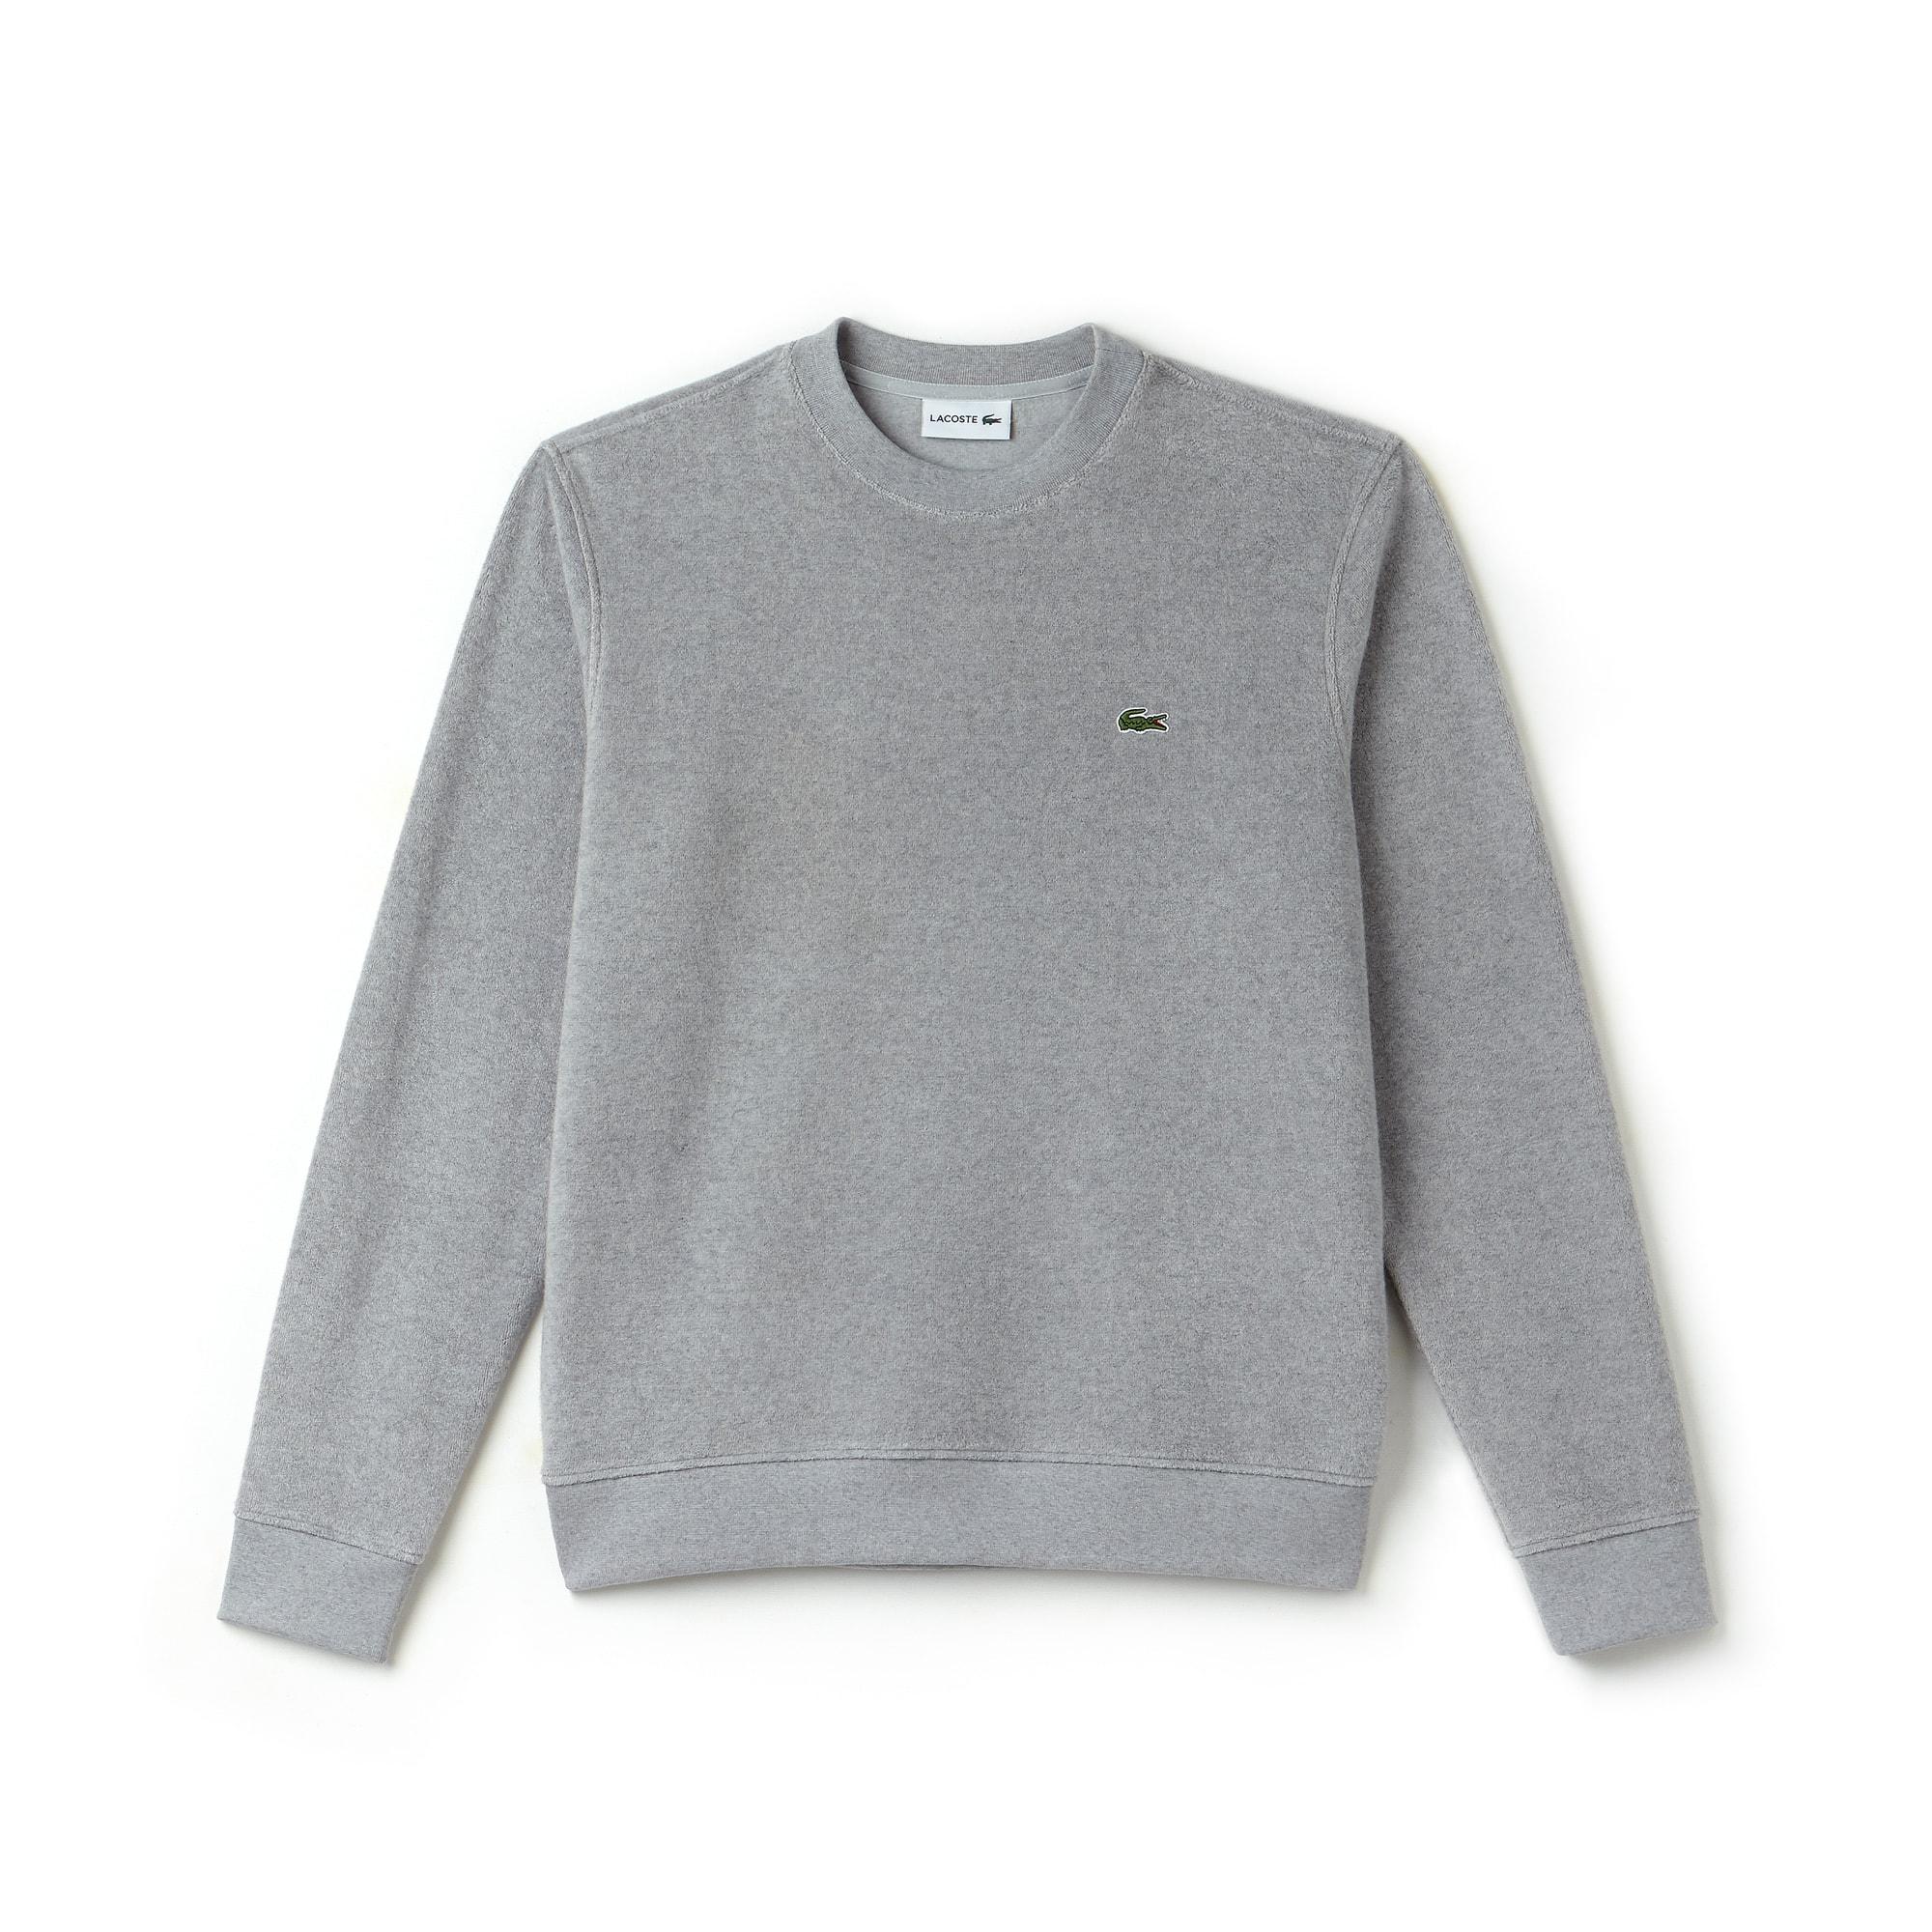 Sweatshirt heren ronde hals katoenbadstof en kasjmier